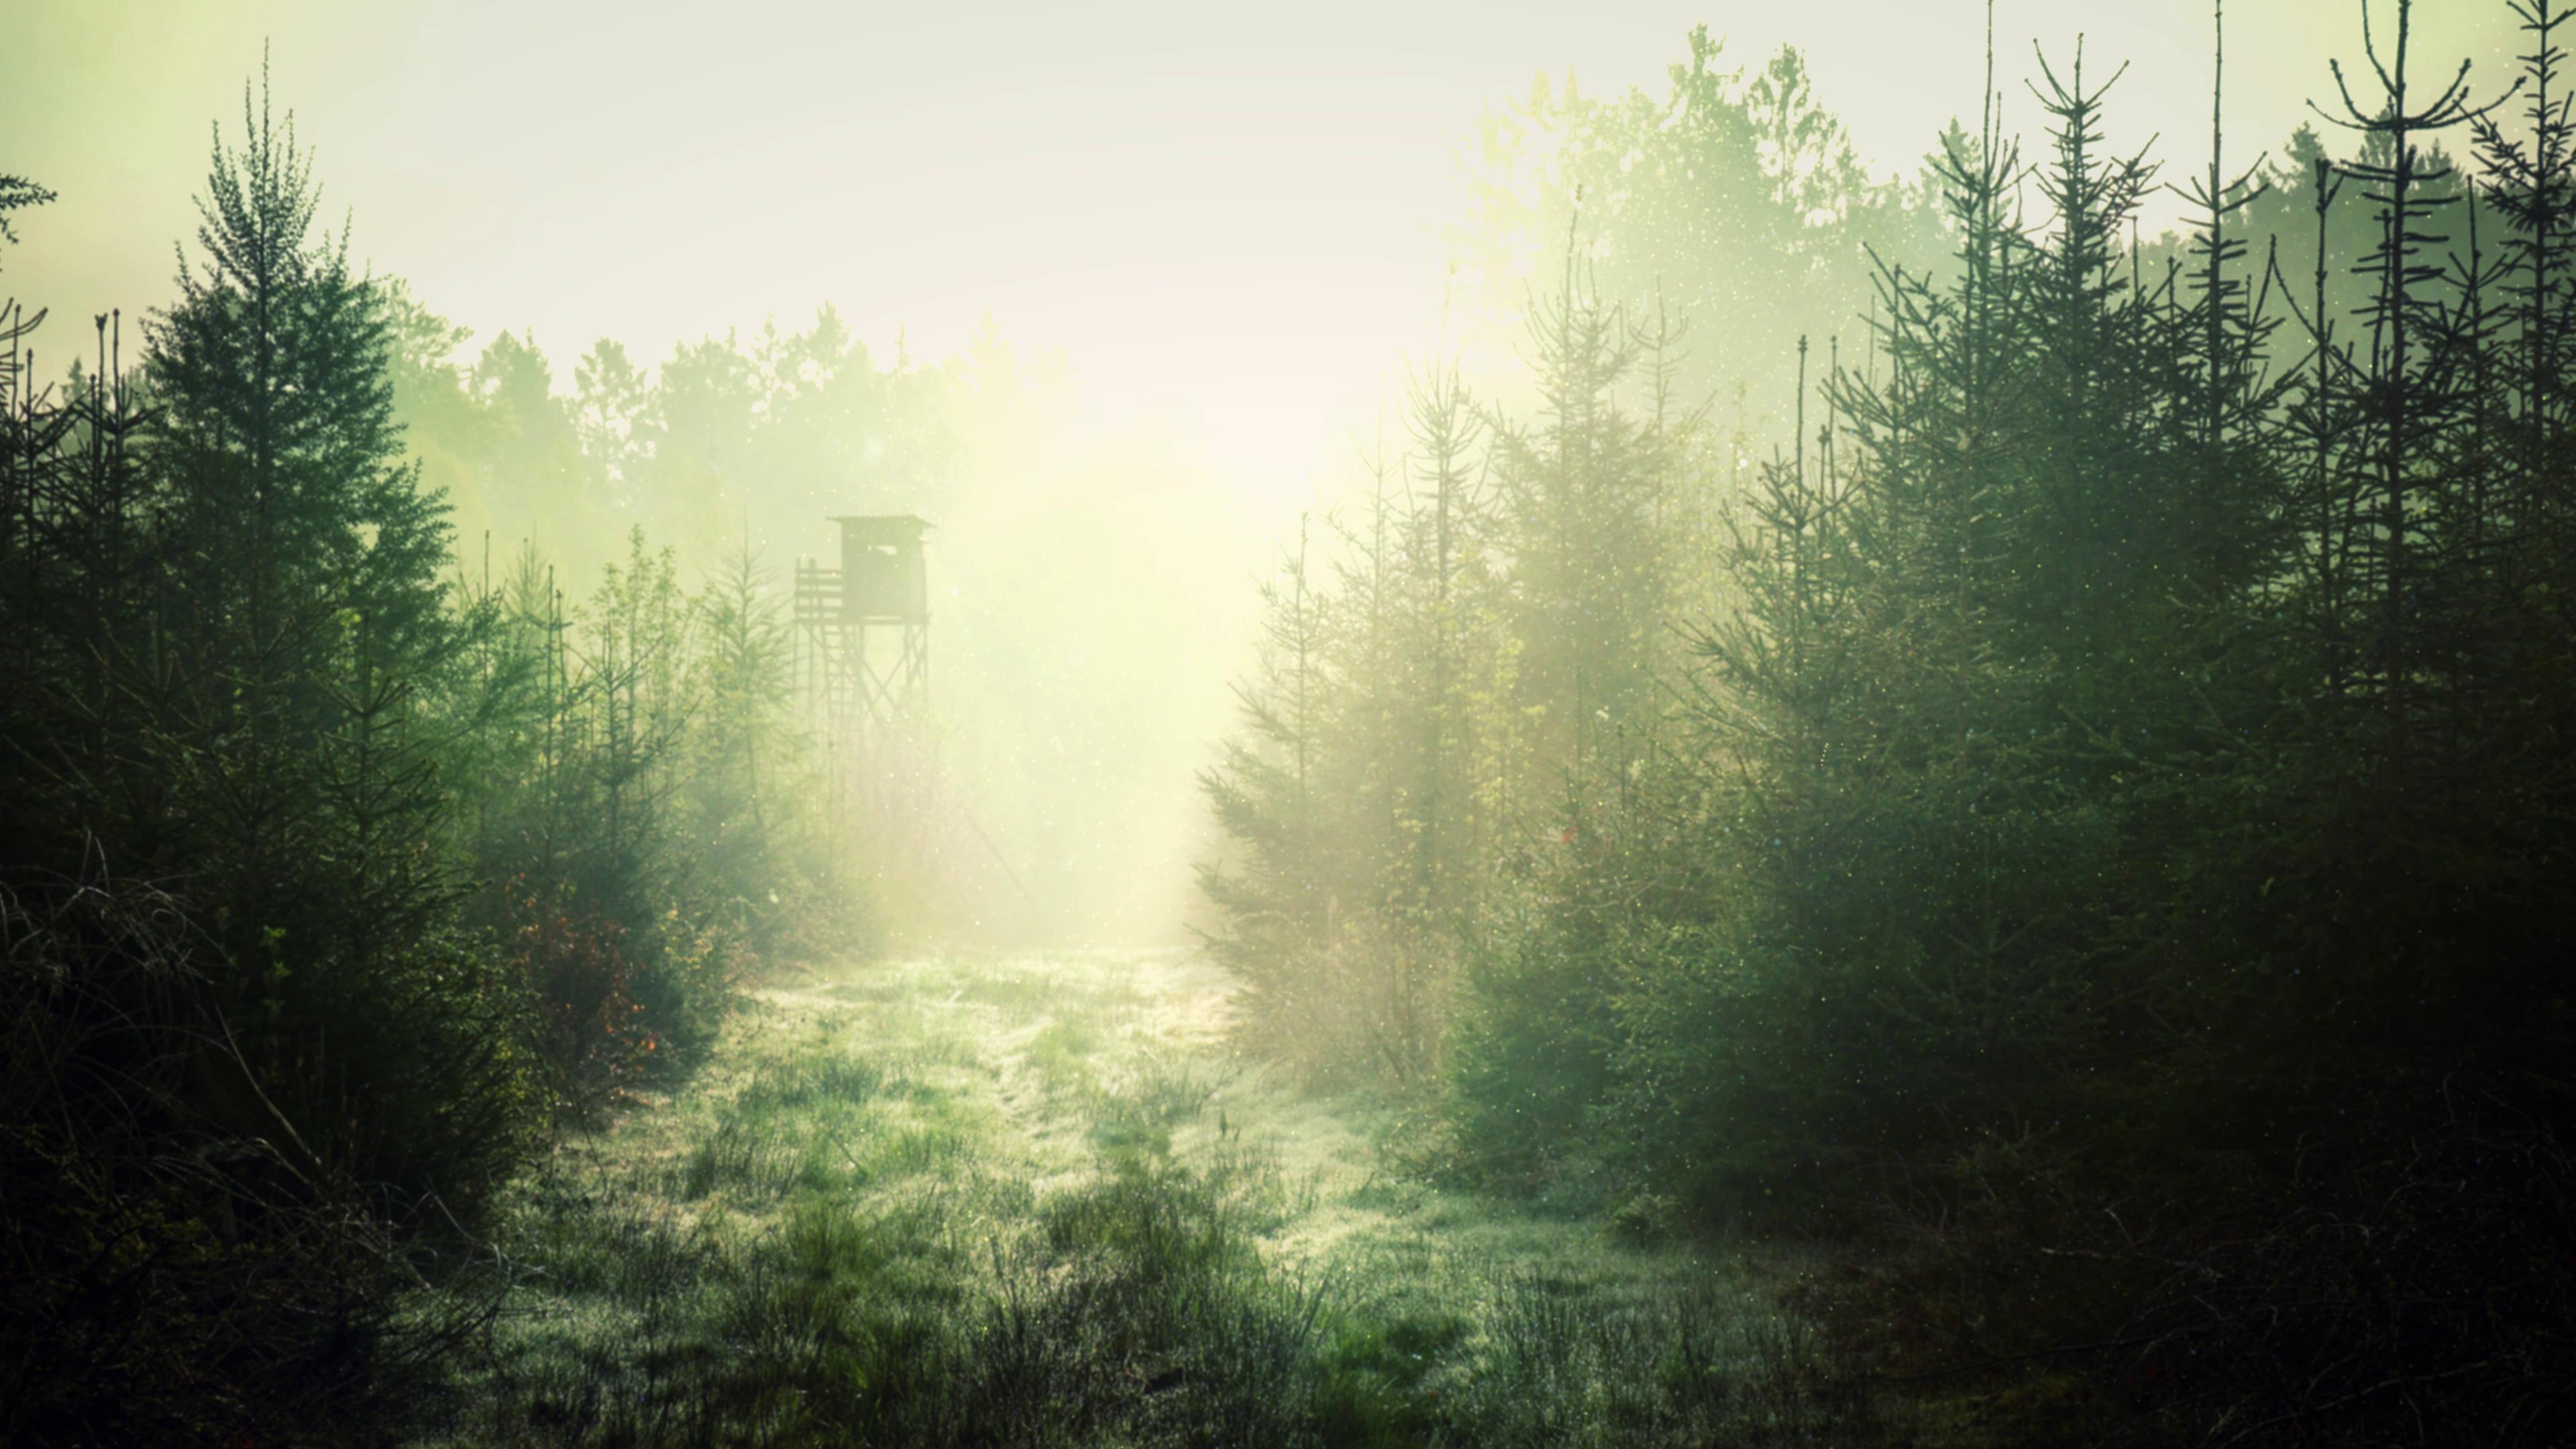 走近雾气蒙蒙的树林仙境跟镜头高清实拍